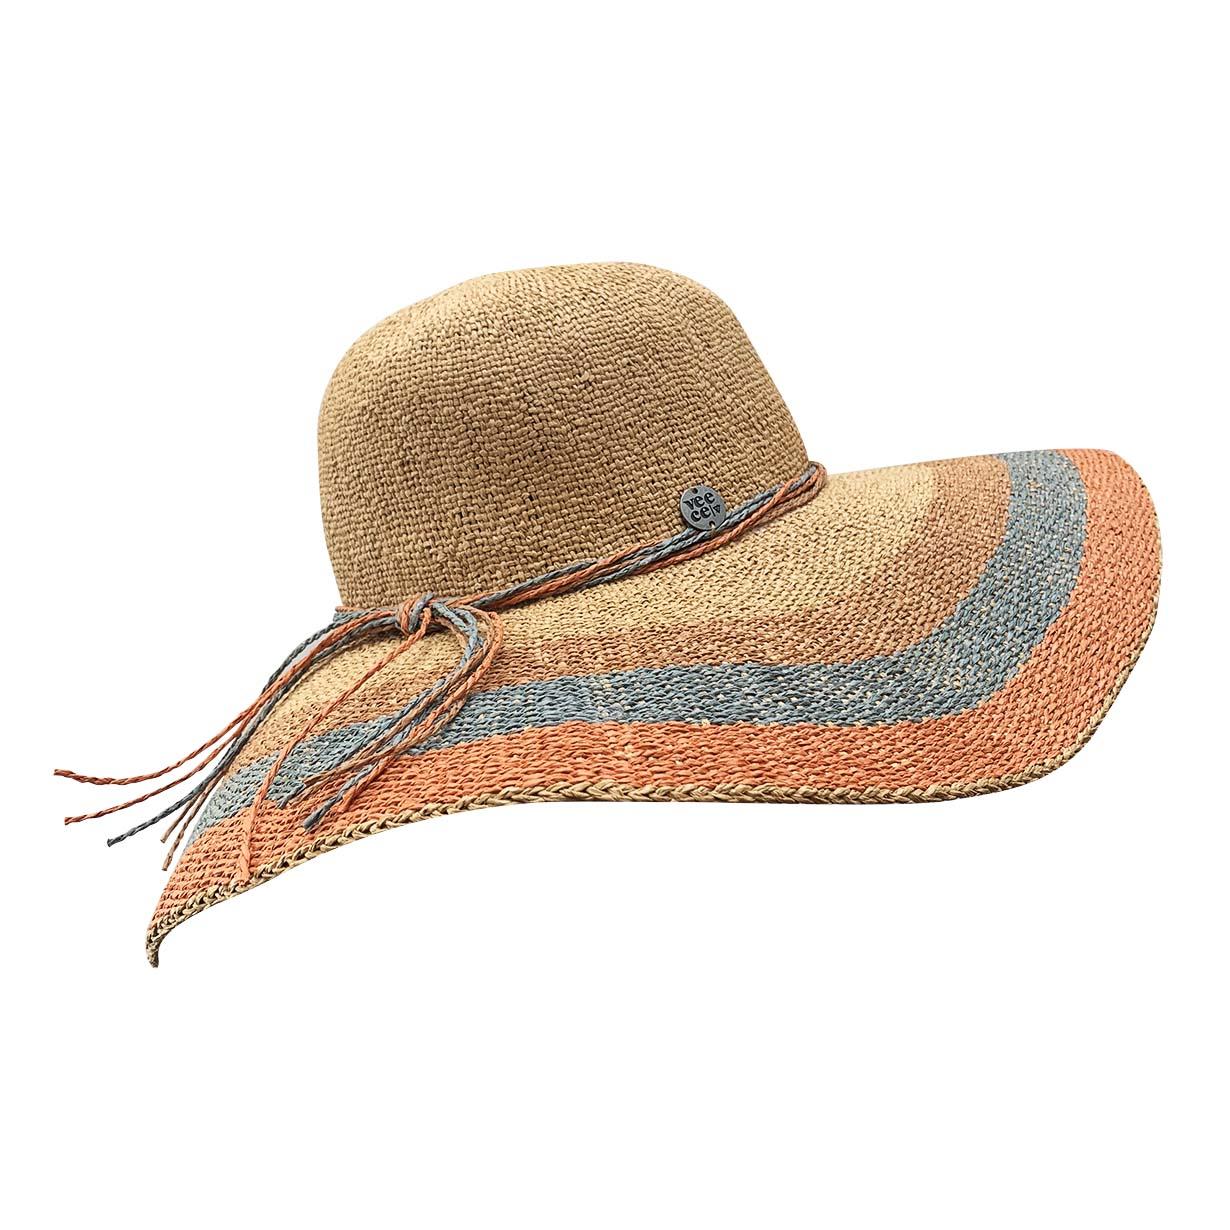 VEECE NAVY BEACH HAT Y21GHAVEEC4